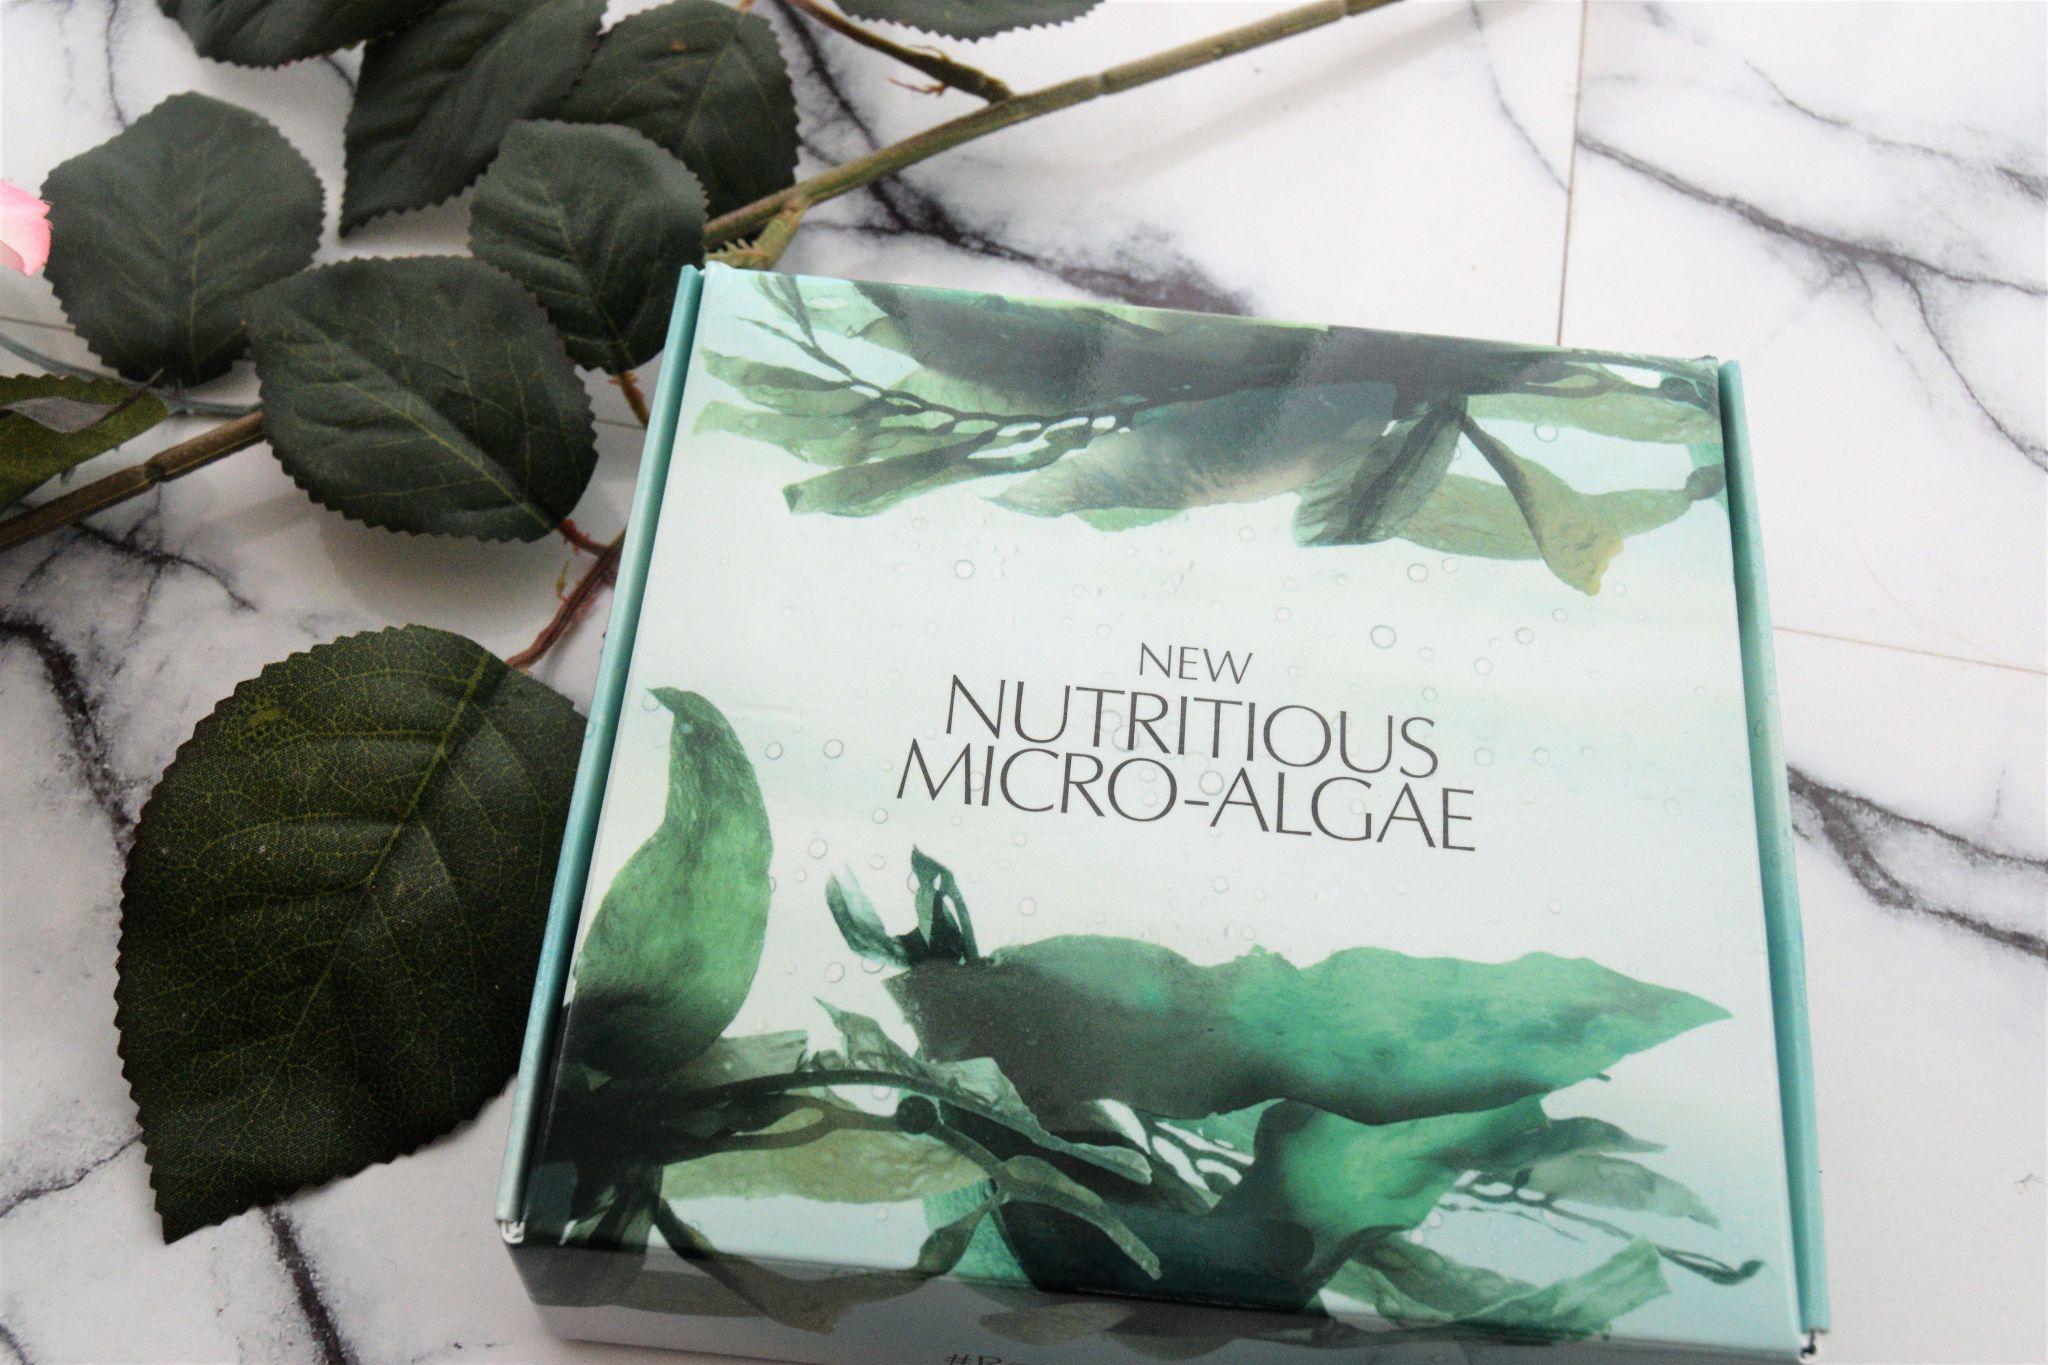 DSC 3322 1440x960 - Estee Lauder: Nutritious Micro-Algae